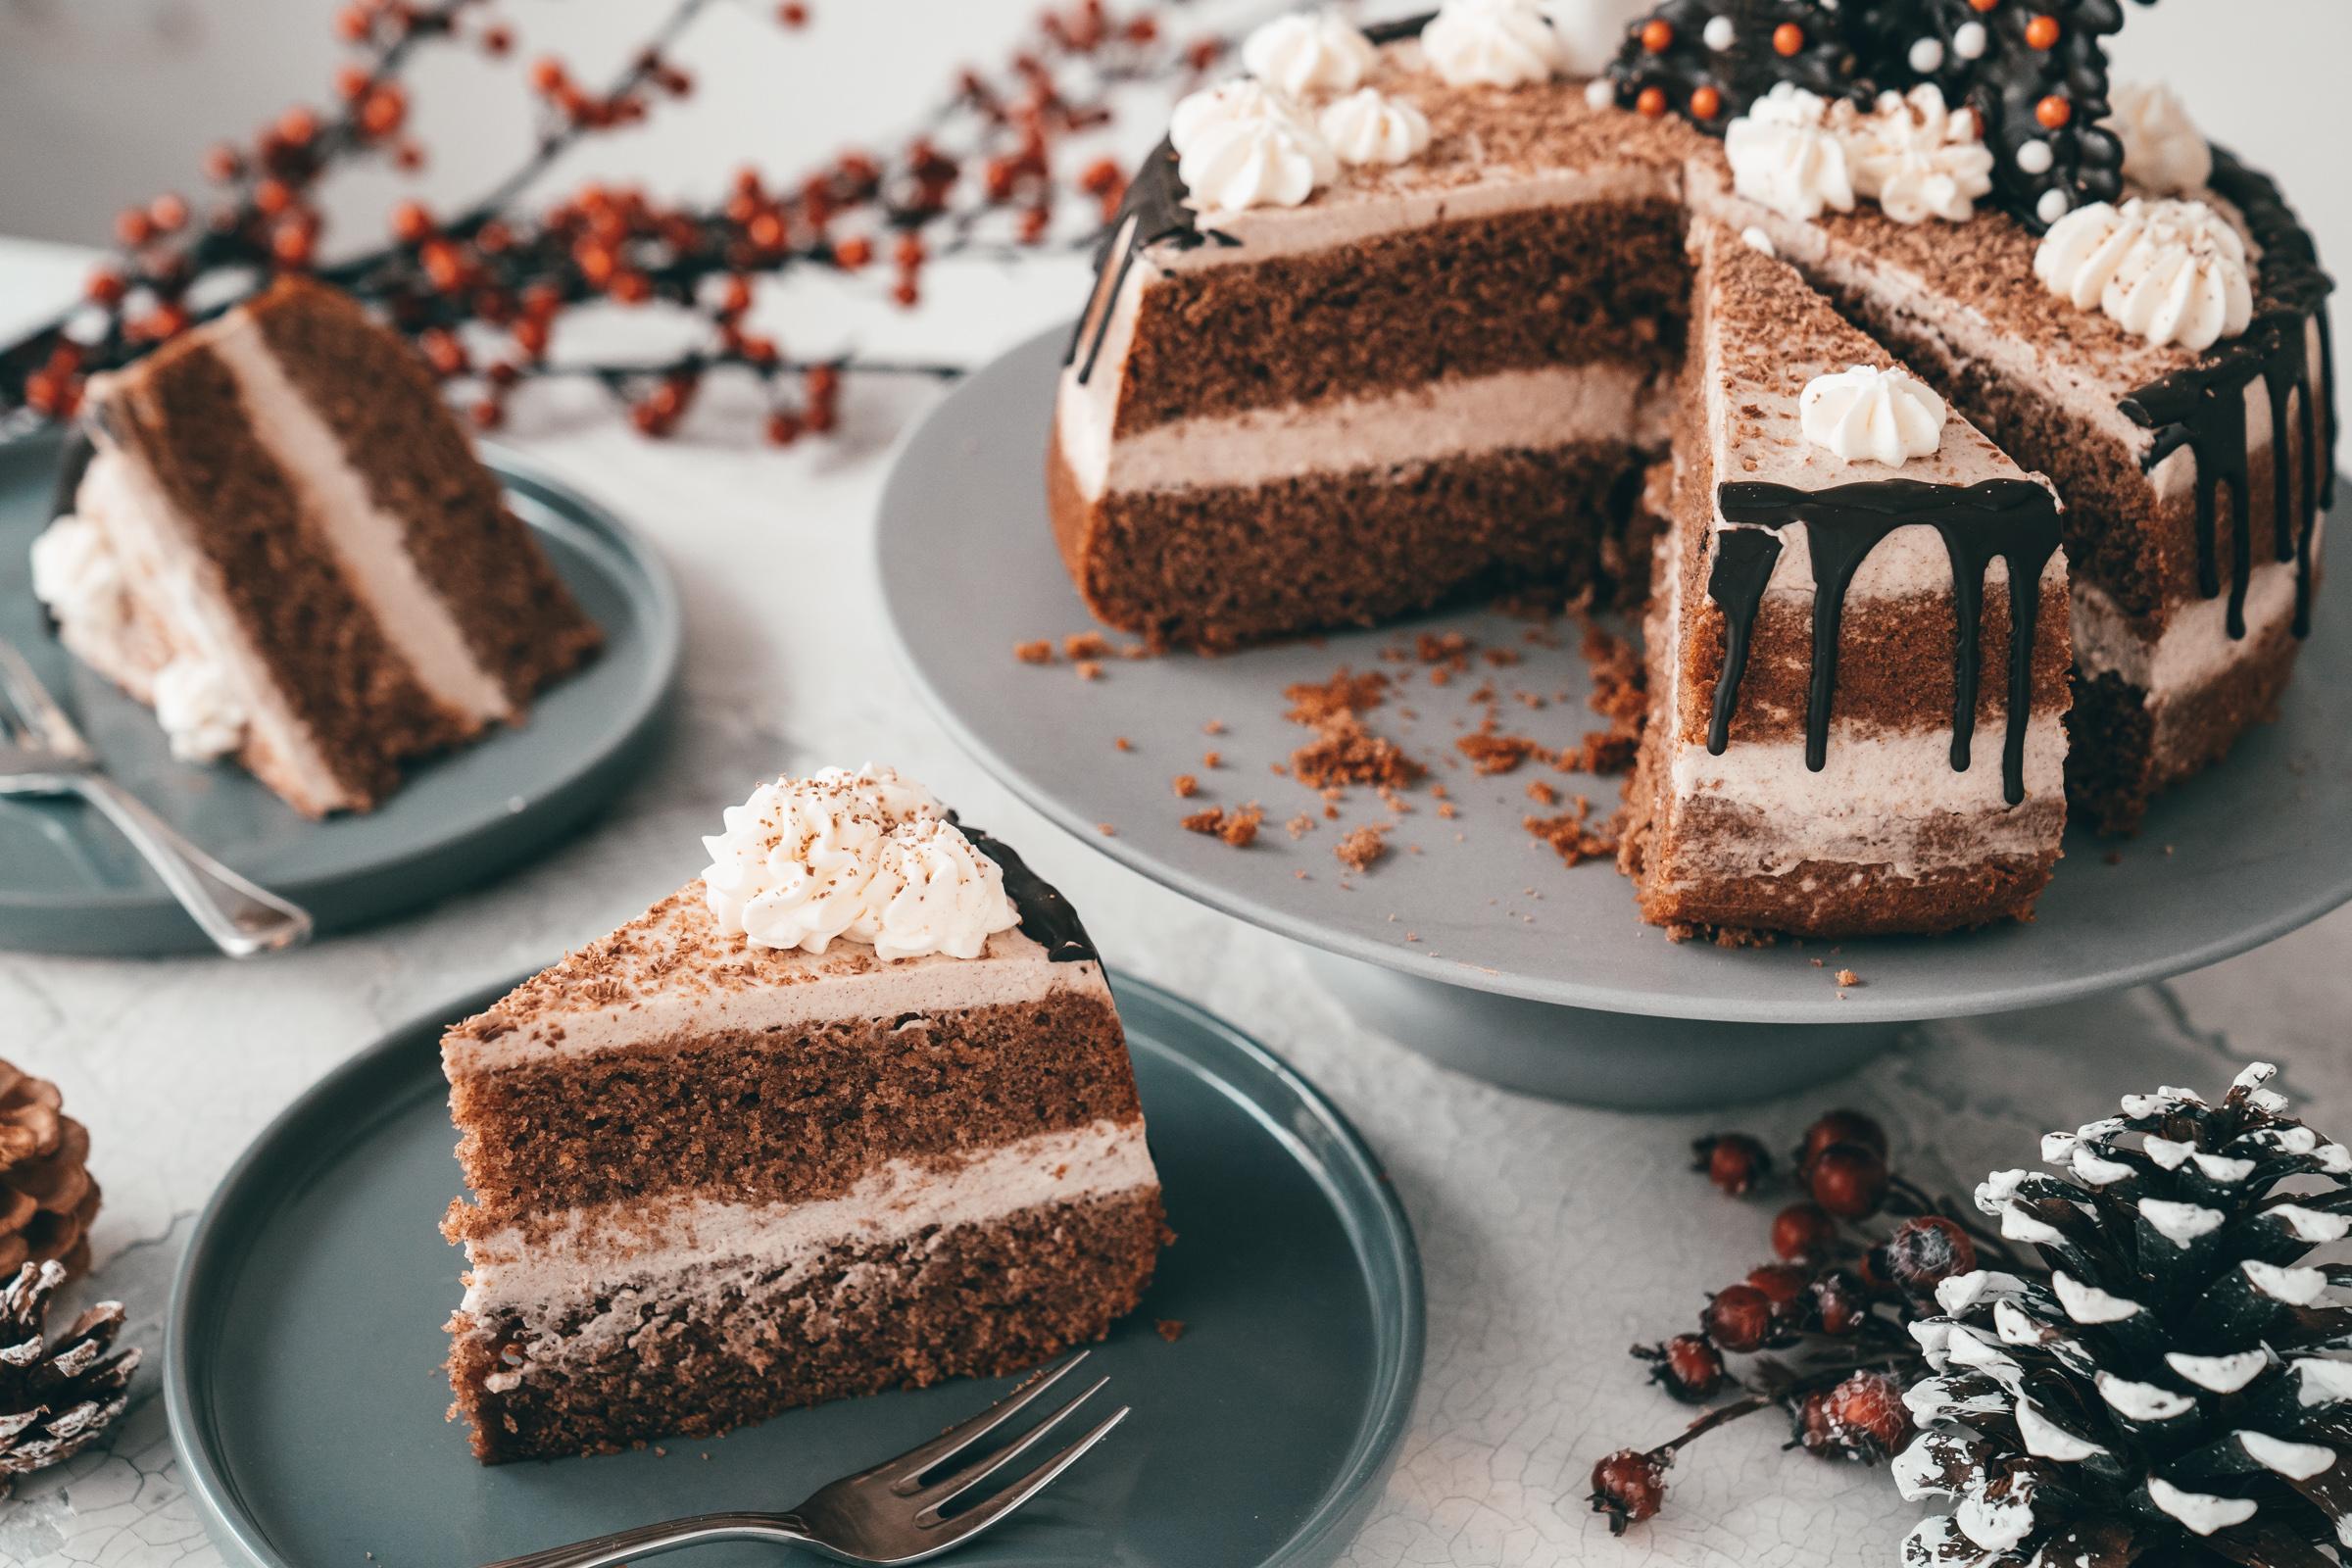 Rezept für eine geniale Zimt-Torte, die nach viel Aufwand aussieht und doch ganz einfach zu machen ist. Die perfekte Torte für die Weihnachtsfeiertage.